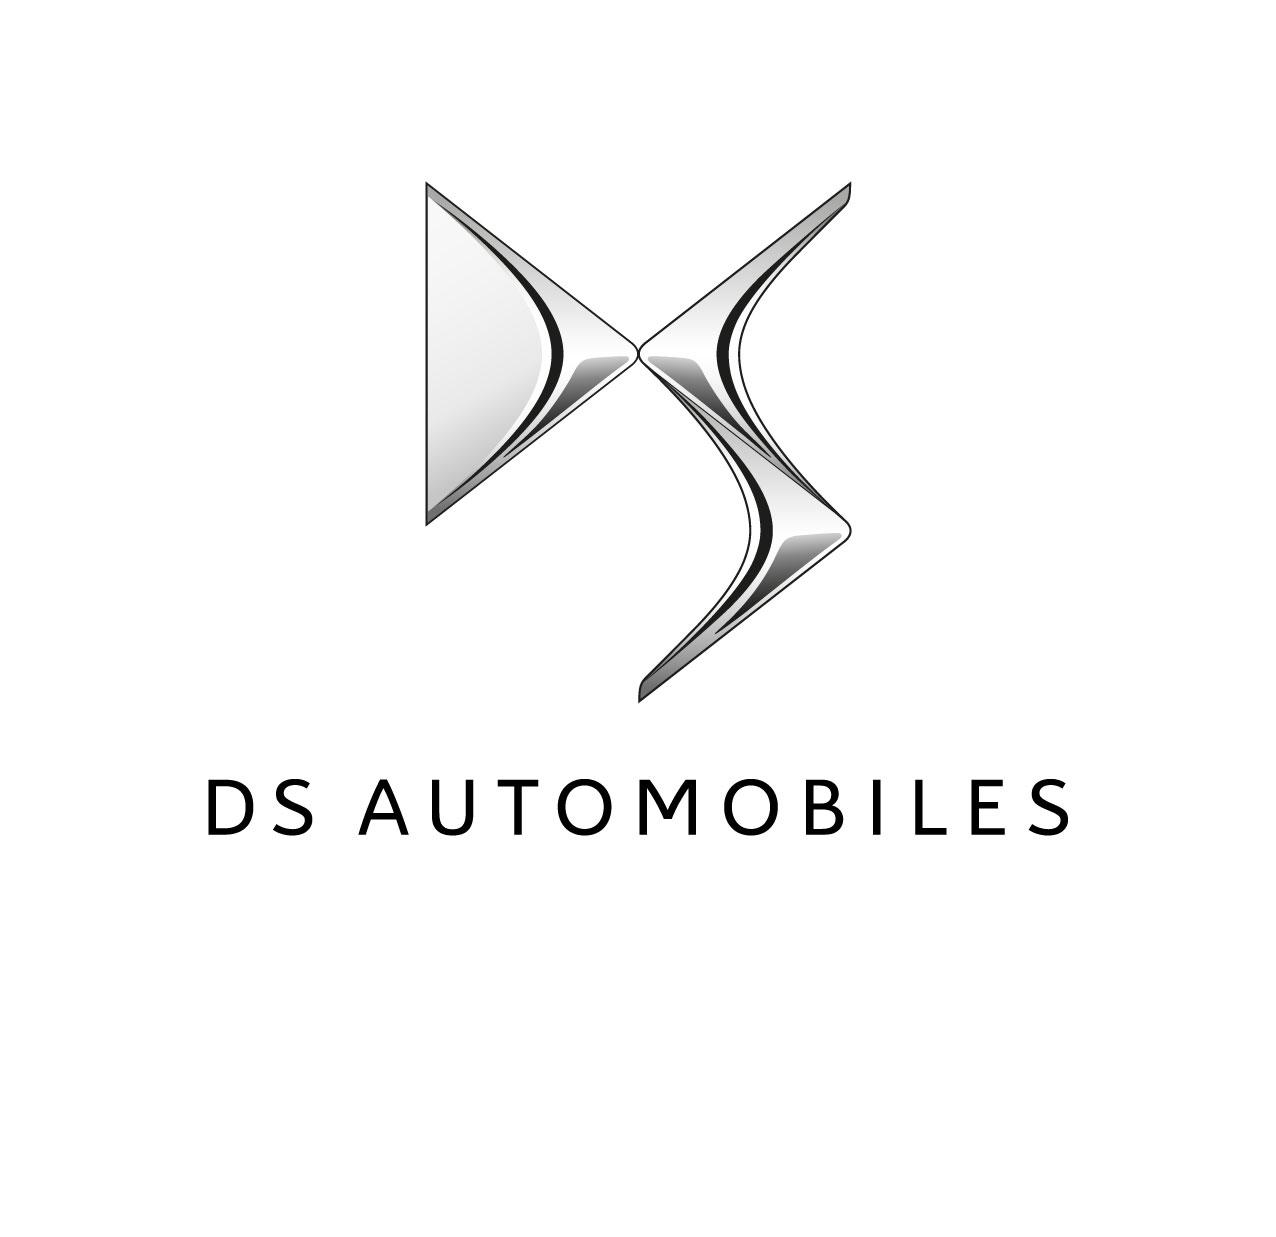 ds_logo_rvb